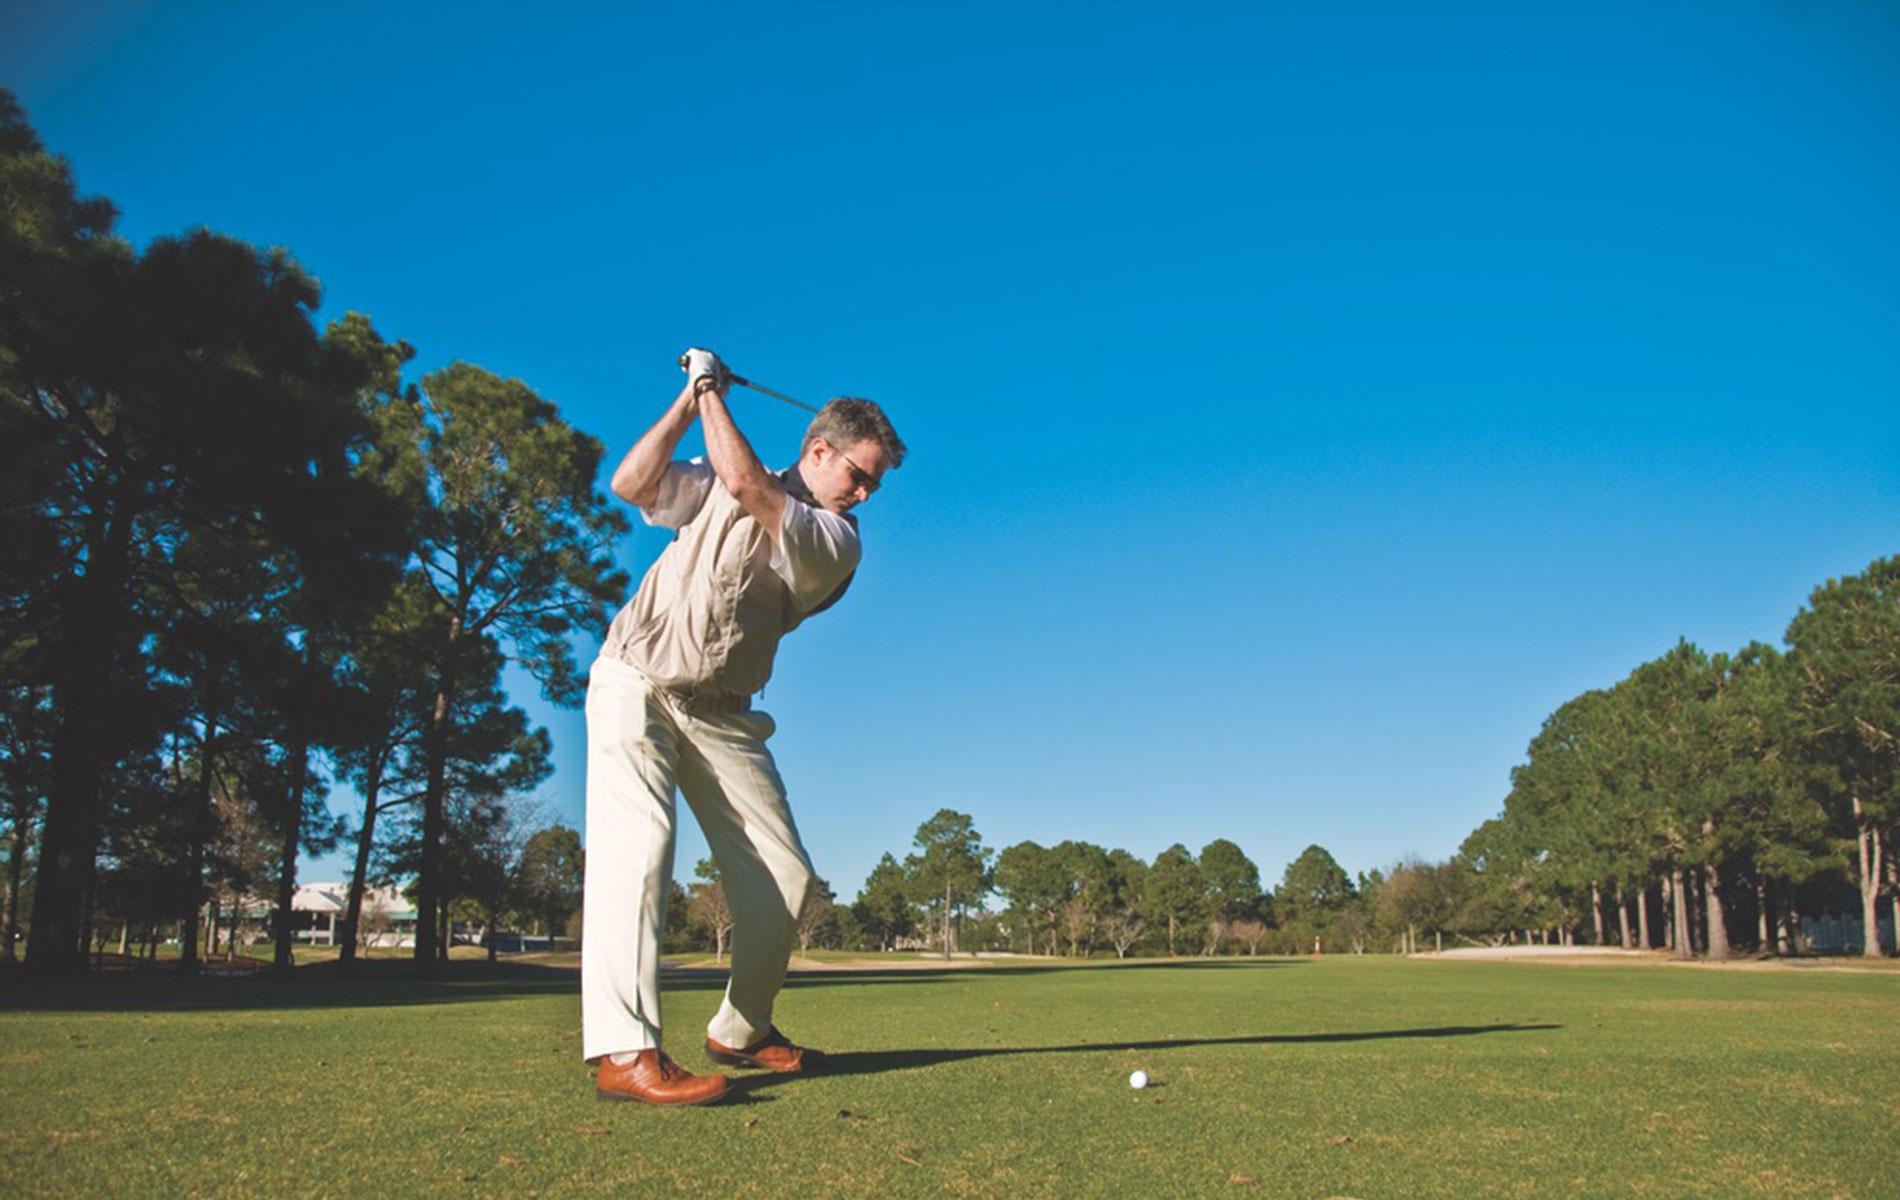 vie-magazine-hero-nwf-golf